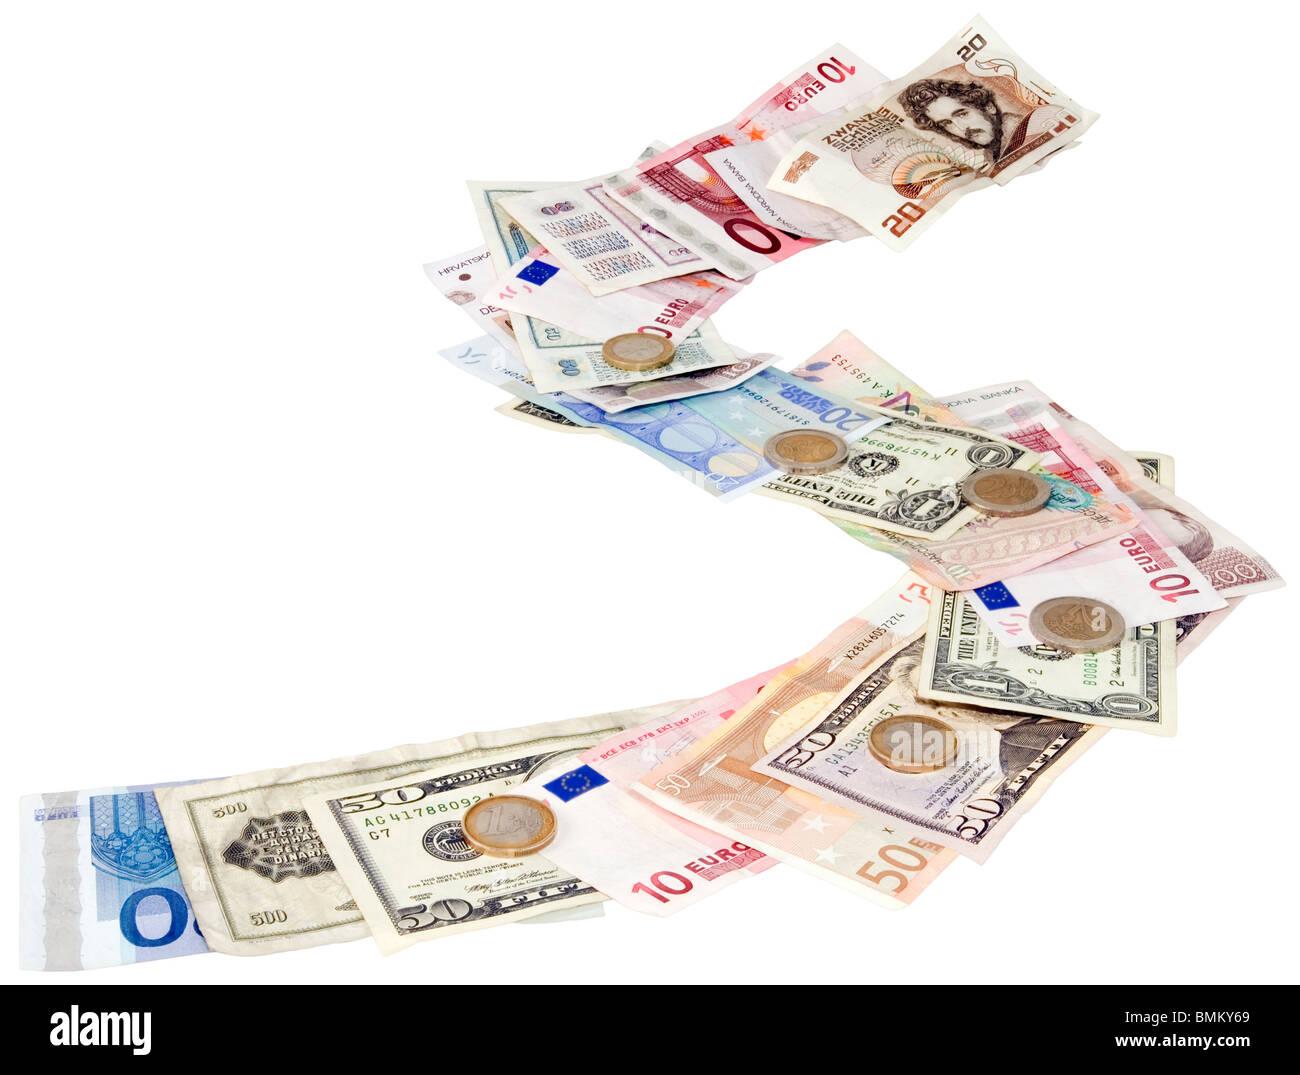 Parcours de l'argent différents service isolé avec clipping path Photo Stock